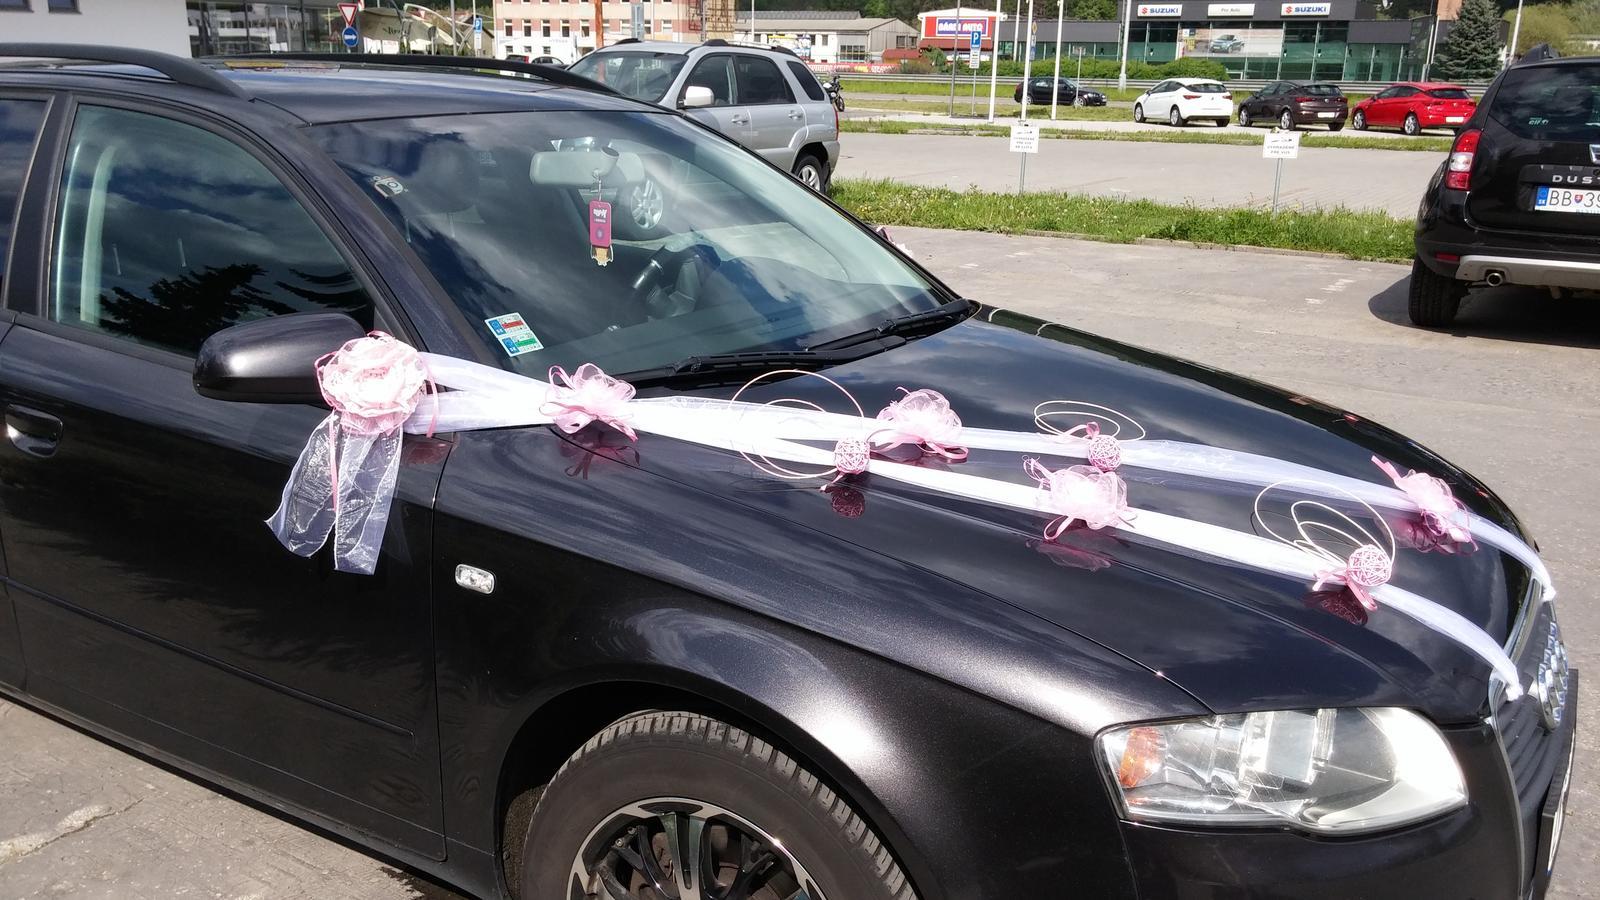 Svadobné auto - pásy a ružové kvietky - Obrázok č. 1